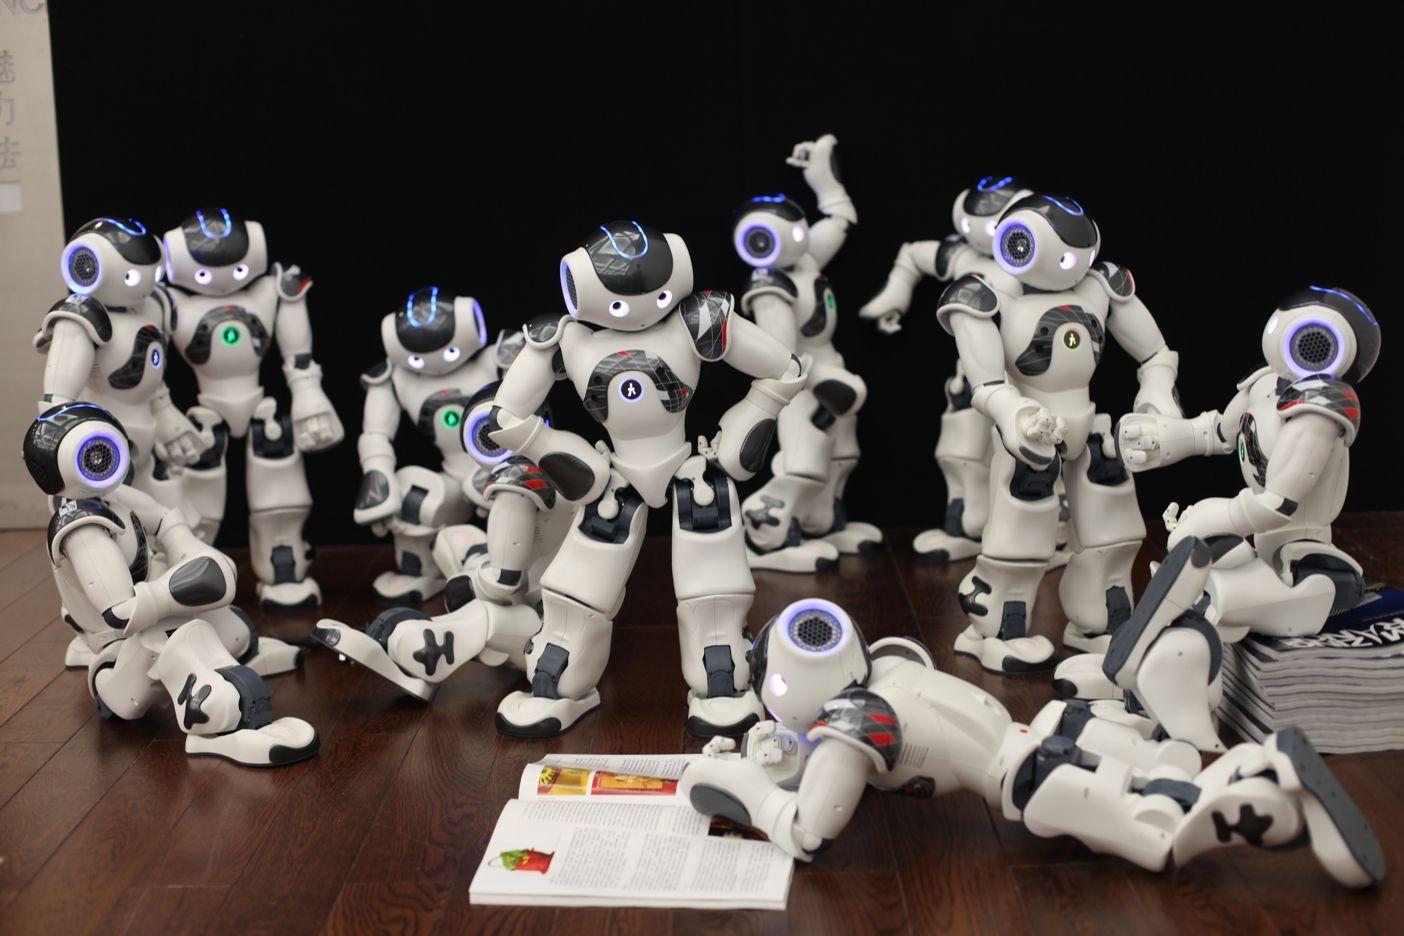 Les robots, c'est maintenant : petit guide de tous ceux que vous utilisez au quotidien sans vous en douter